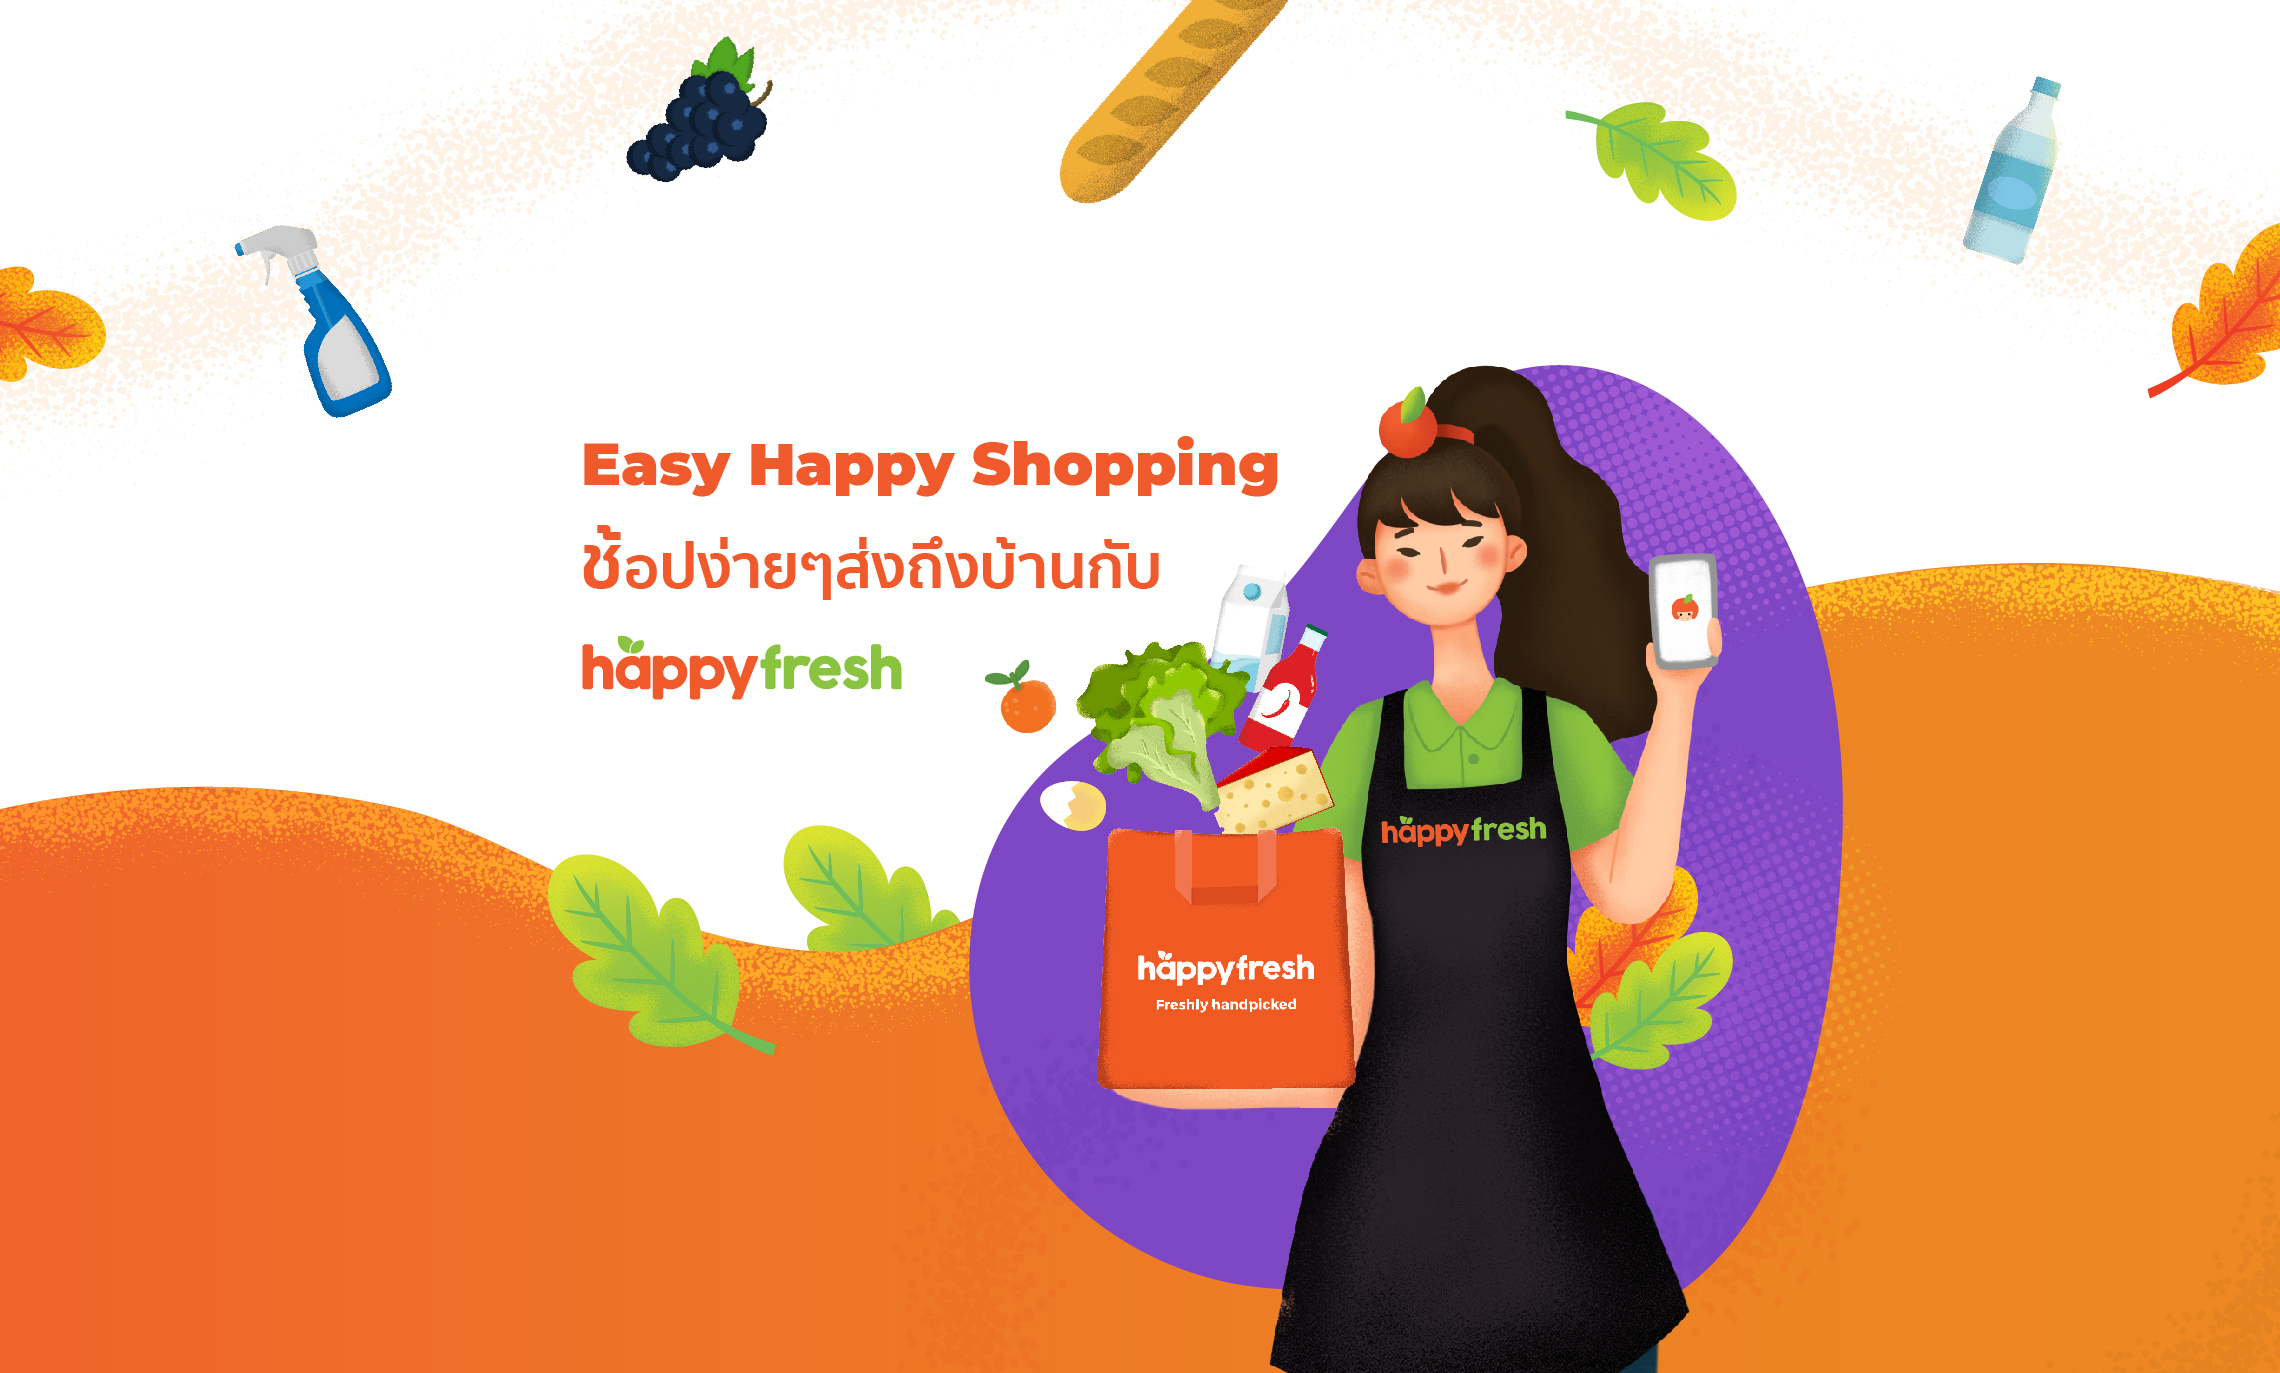 HappyFresh_Easy_Happy_Shopping